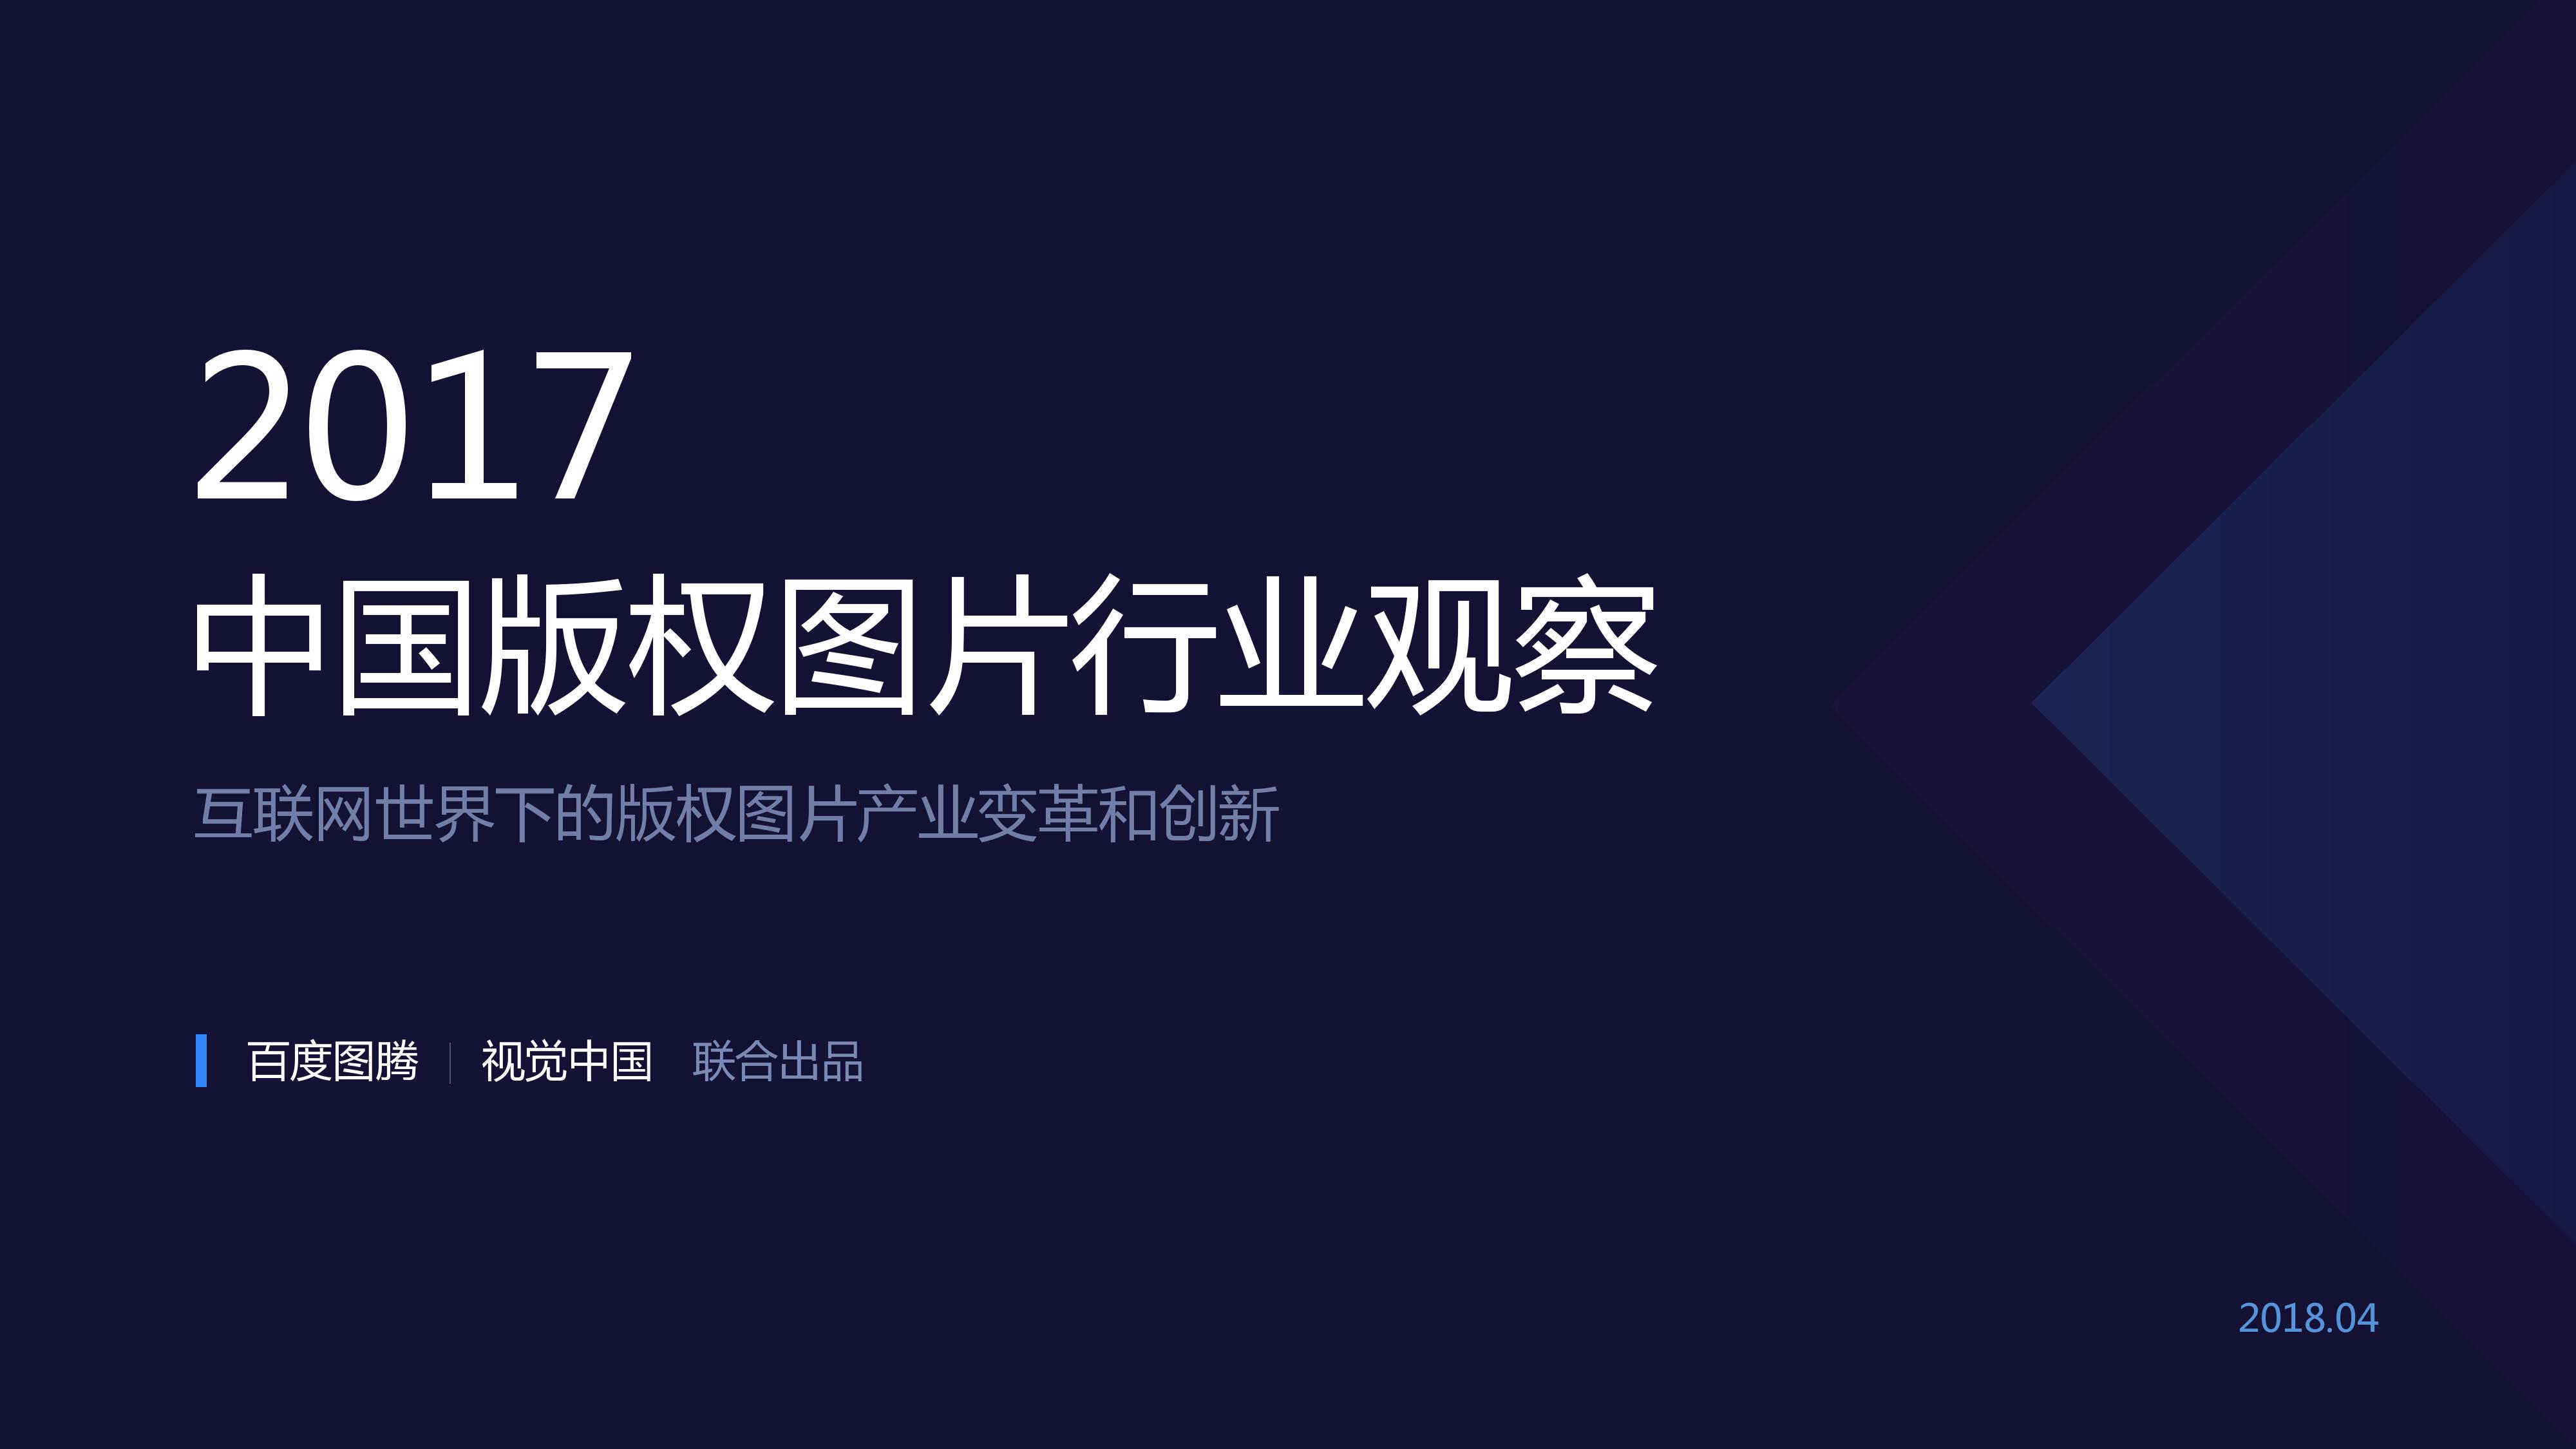 百度图腾&视觉中国:2017中国版权图片行业观察